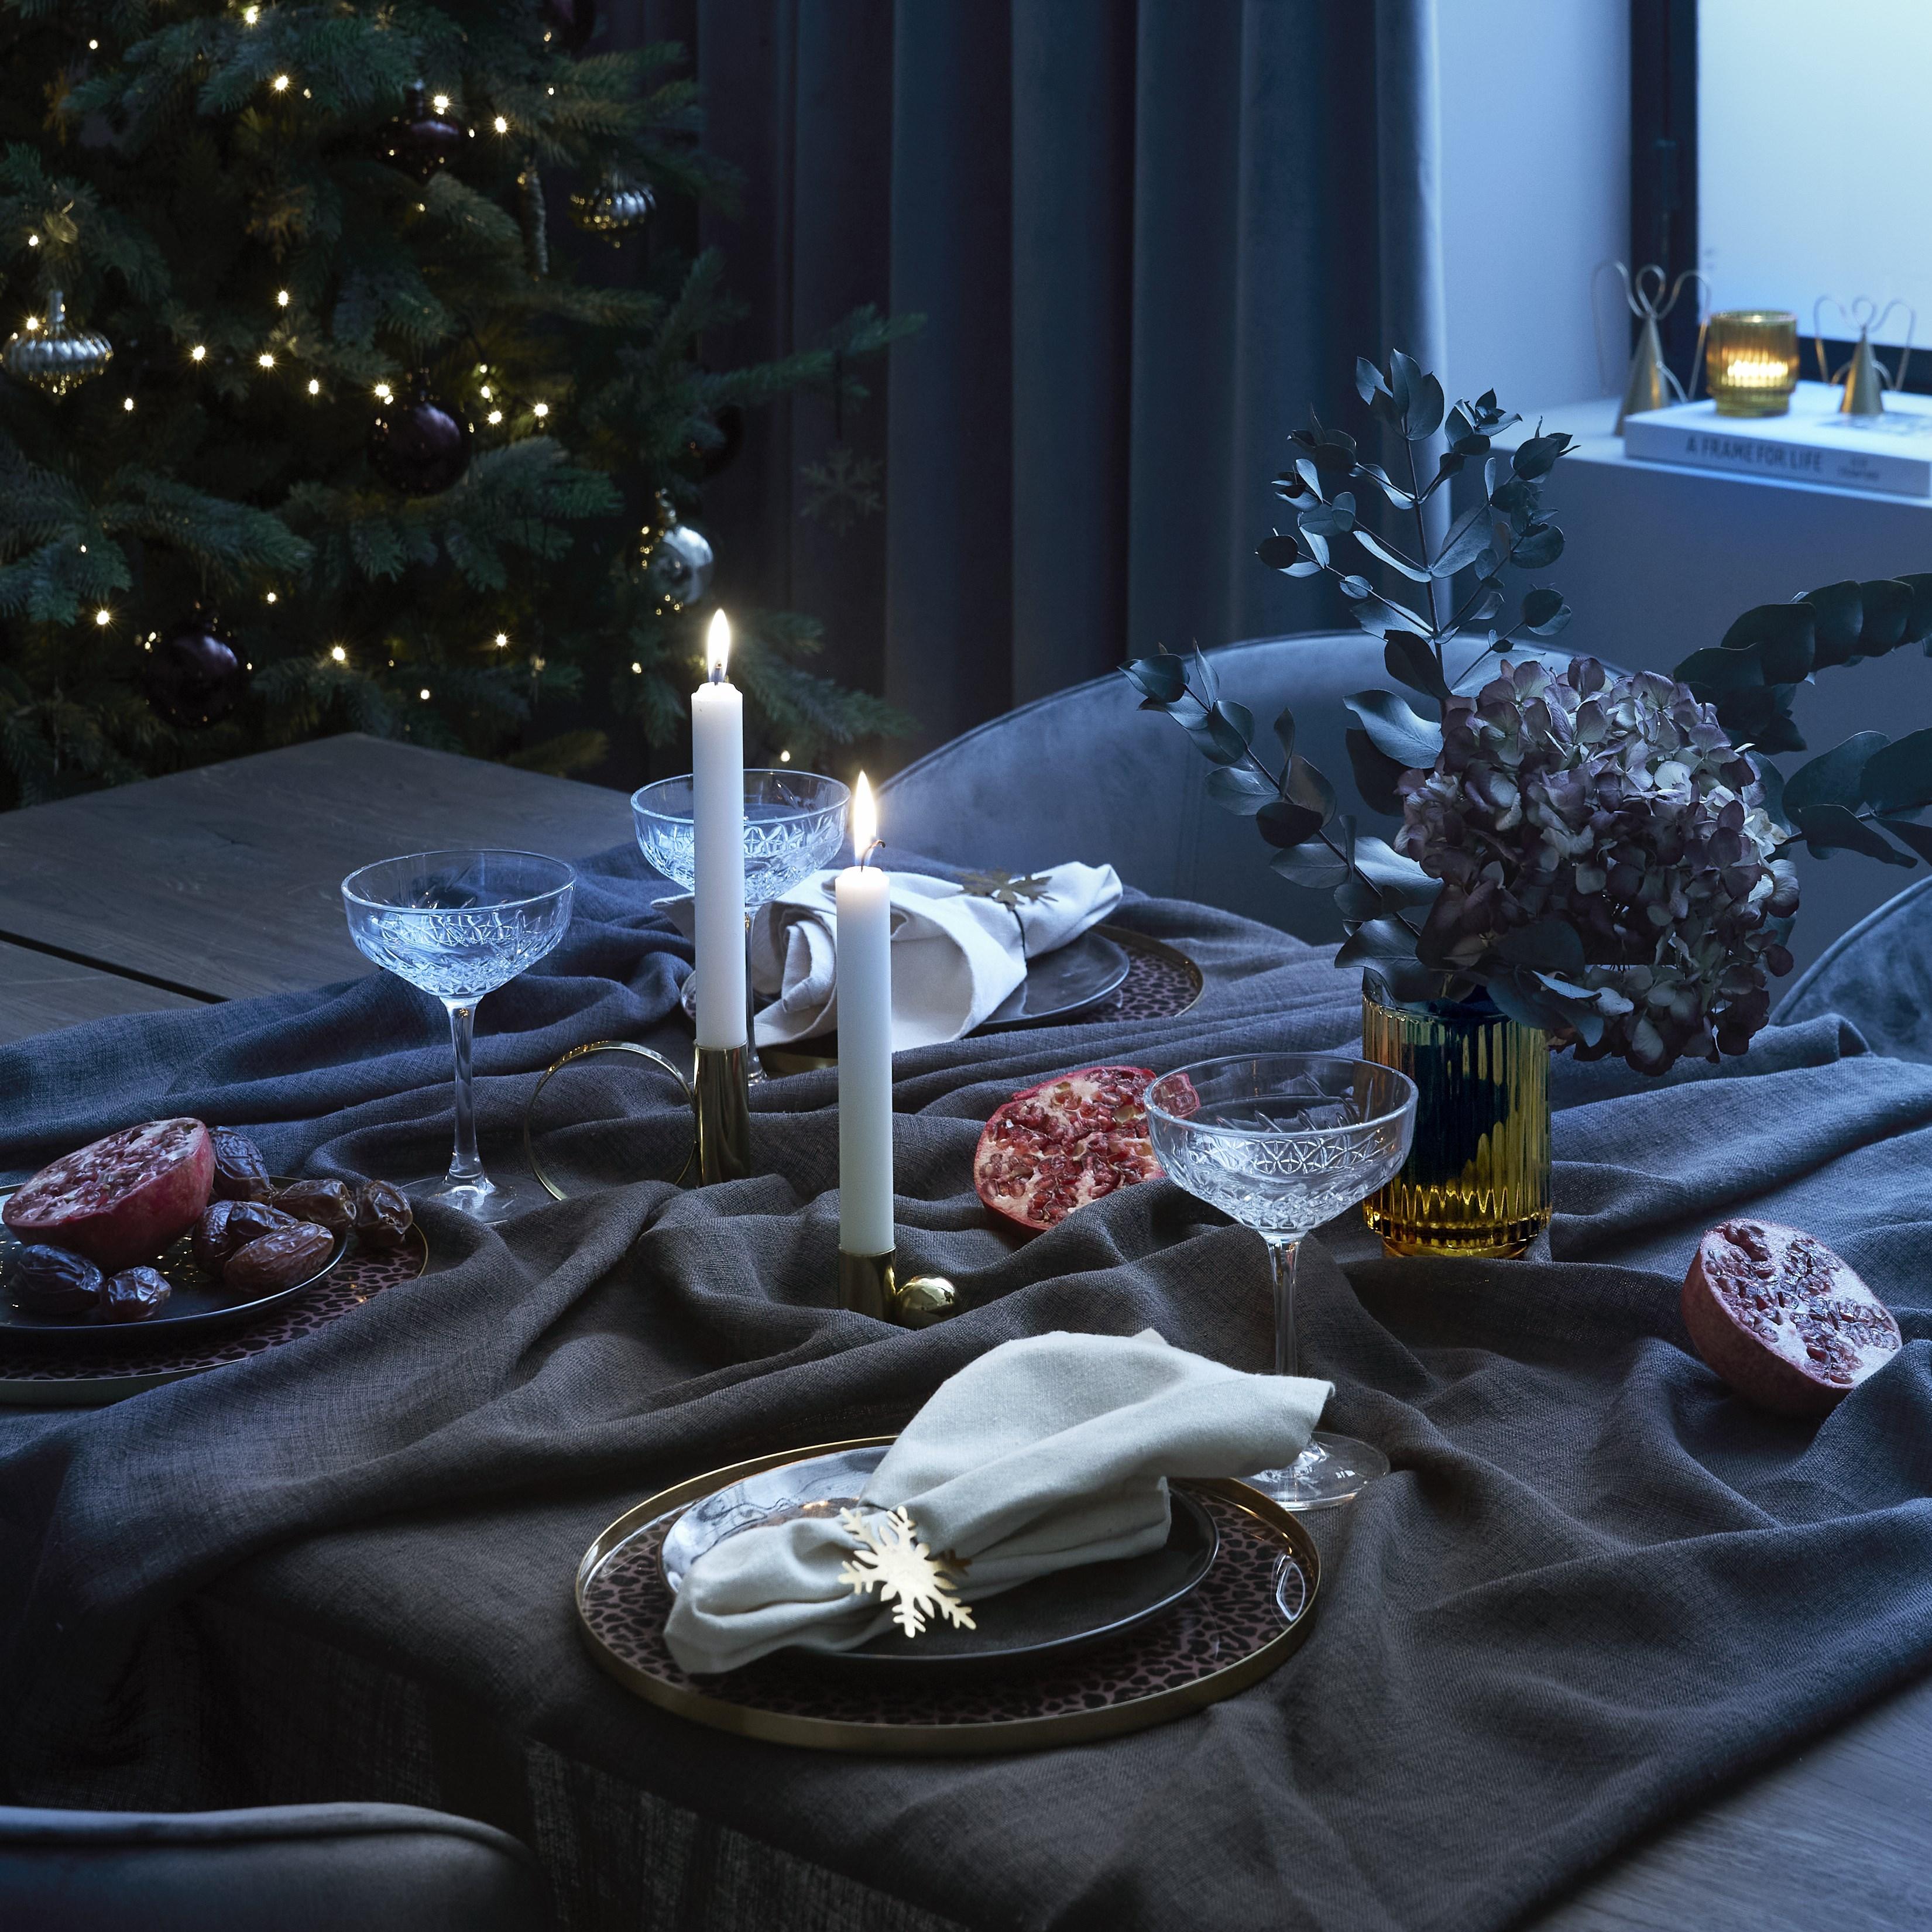 Dæk årets julebord med stil